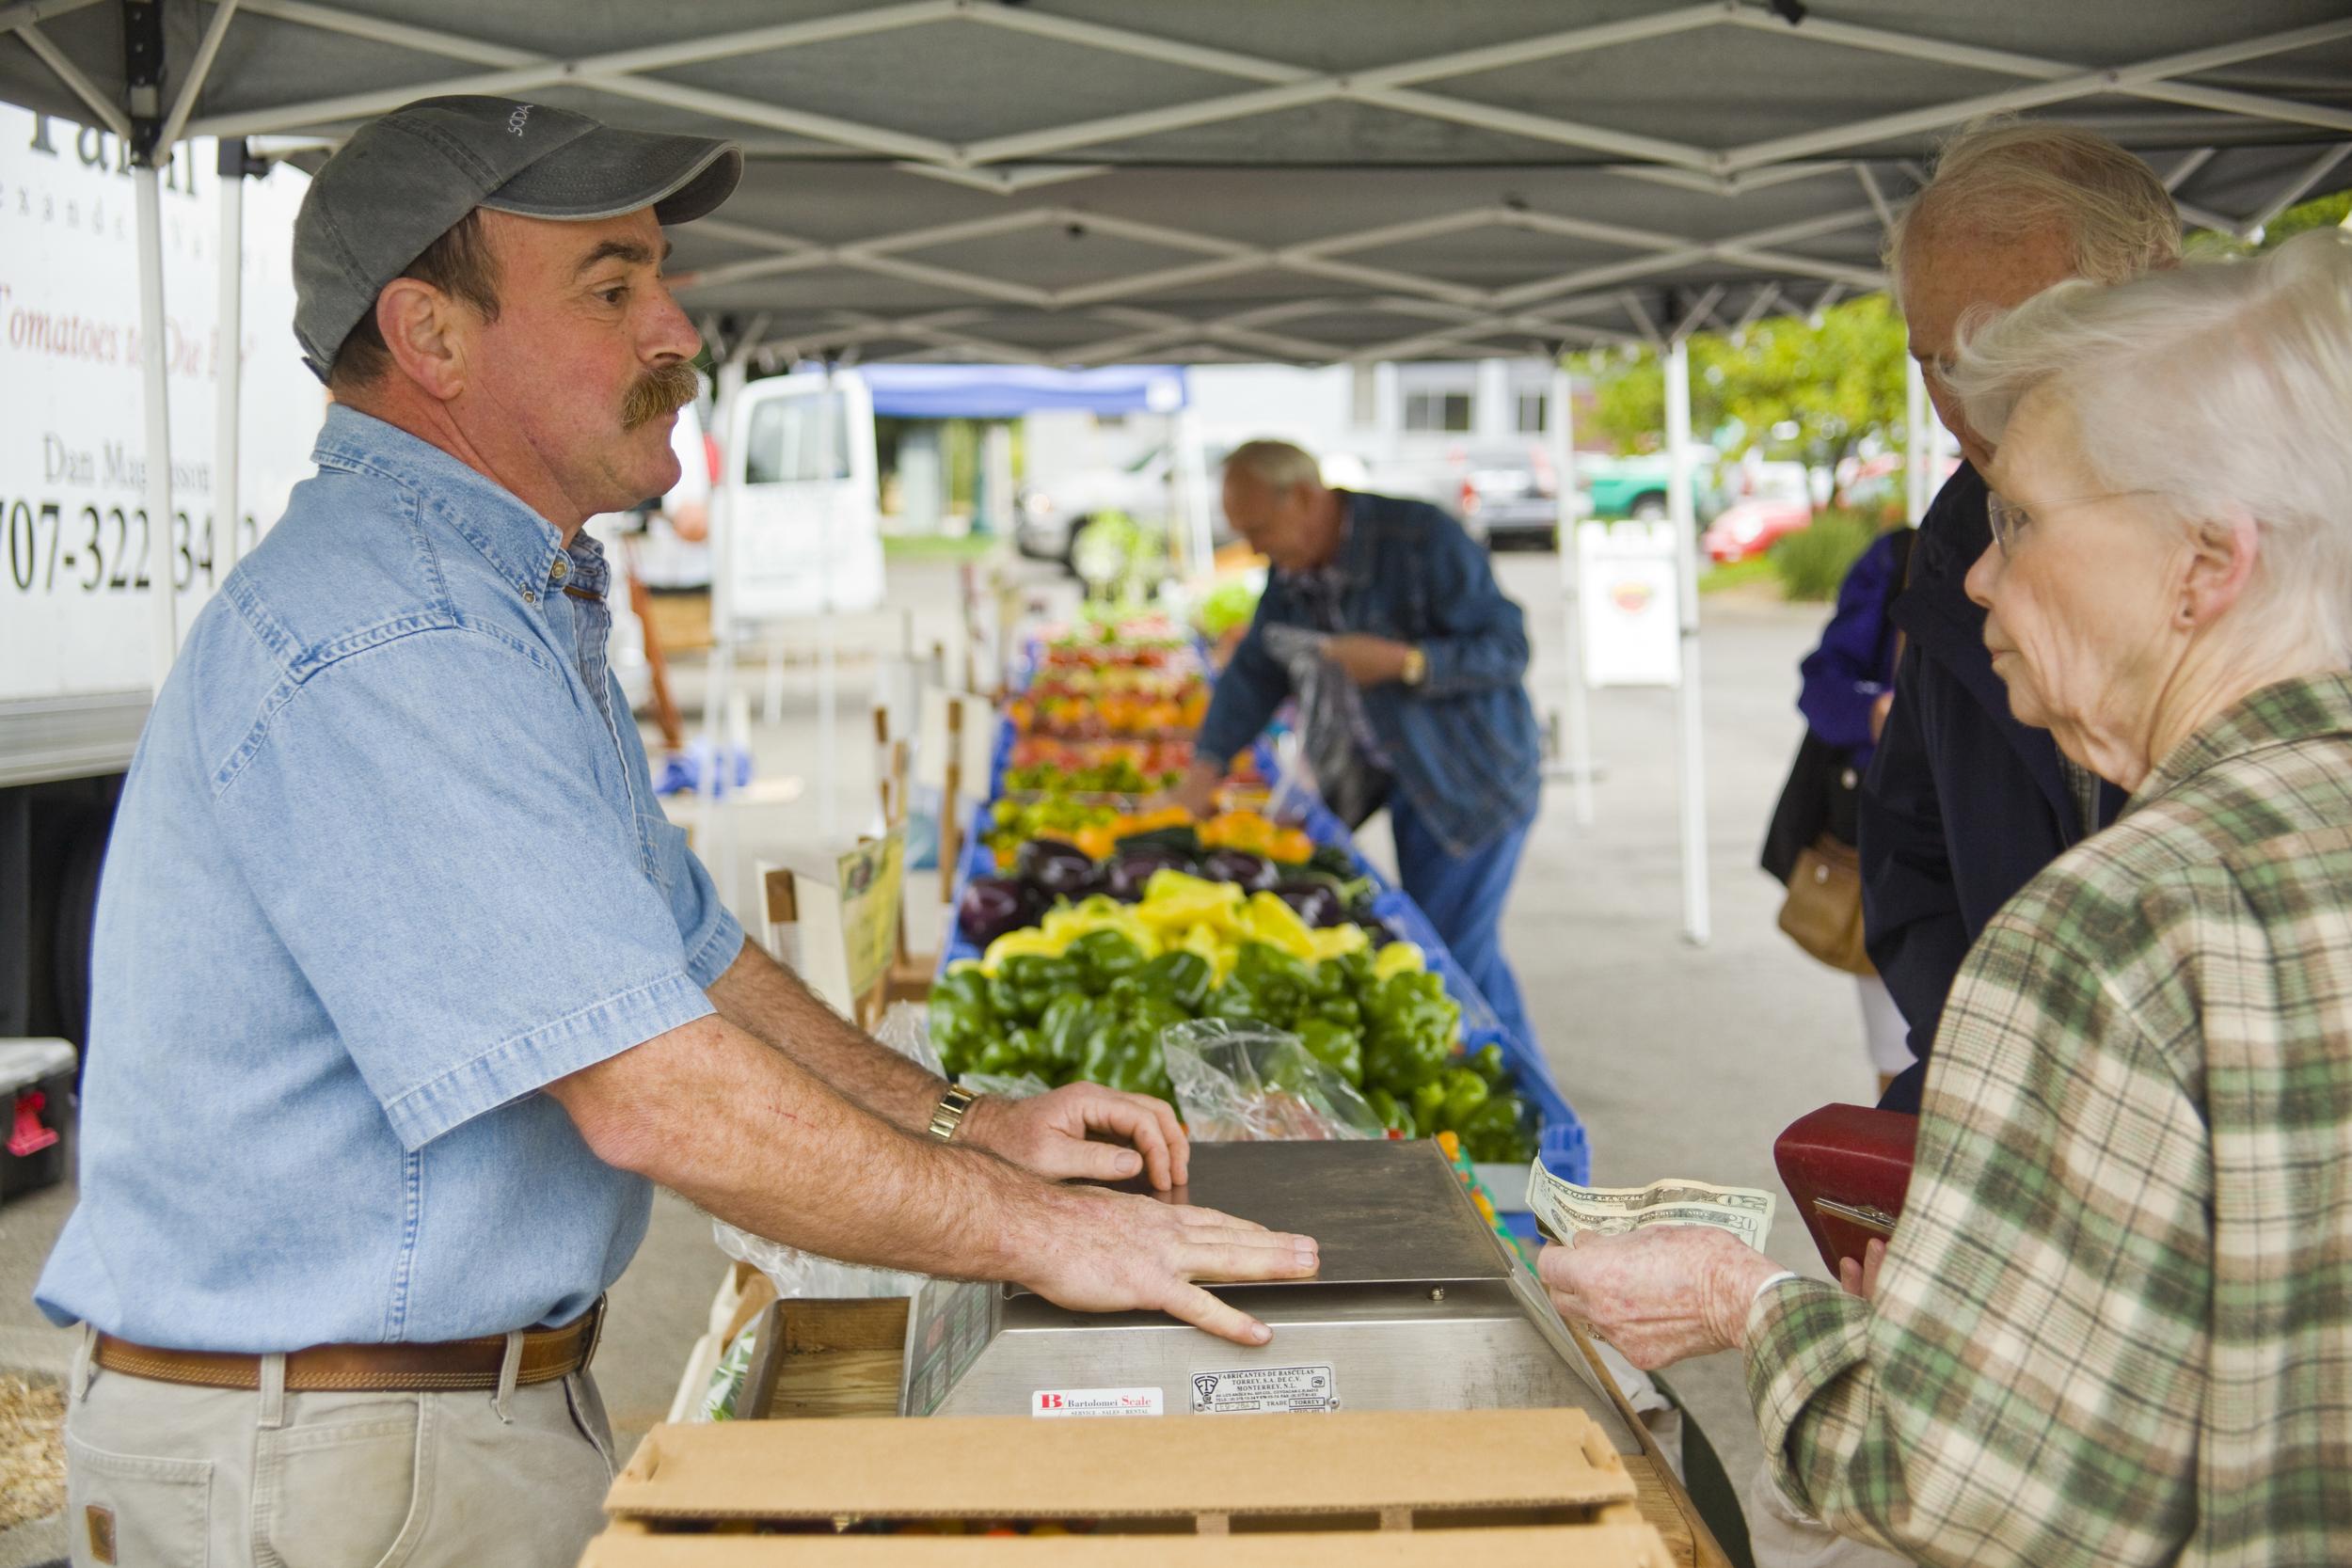 Dan helping customers at the farmer's market.